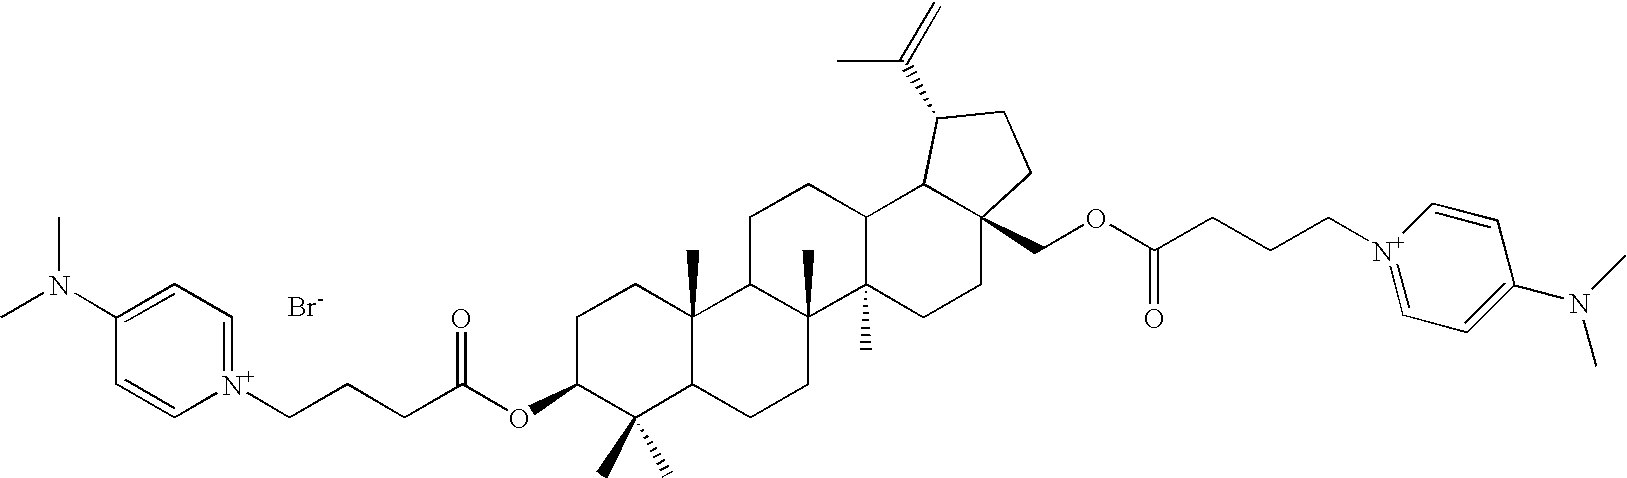 Figure US20070259842A1-20071108-C00052